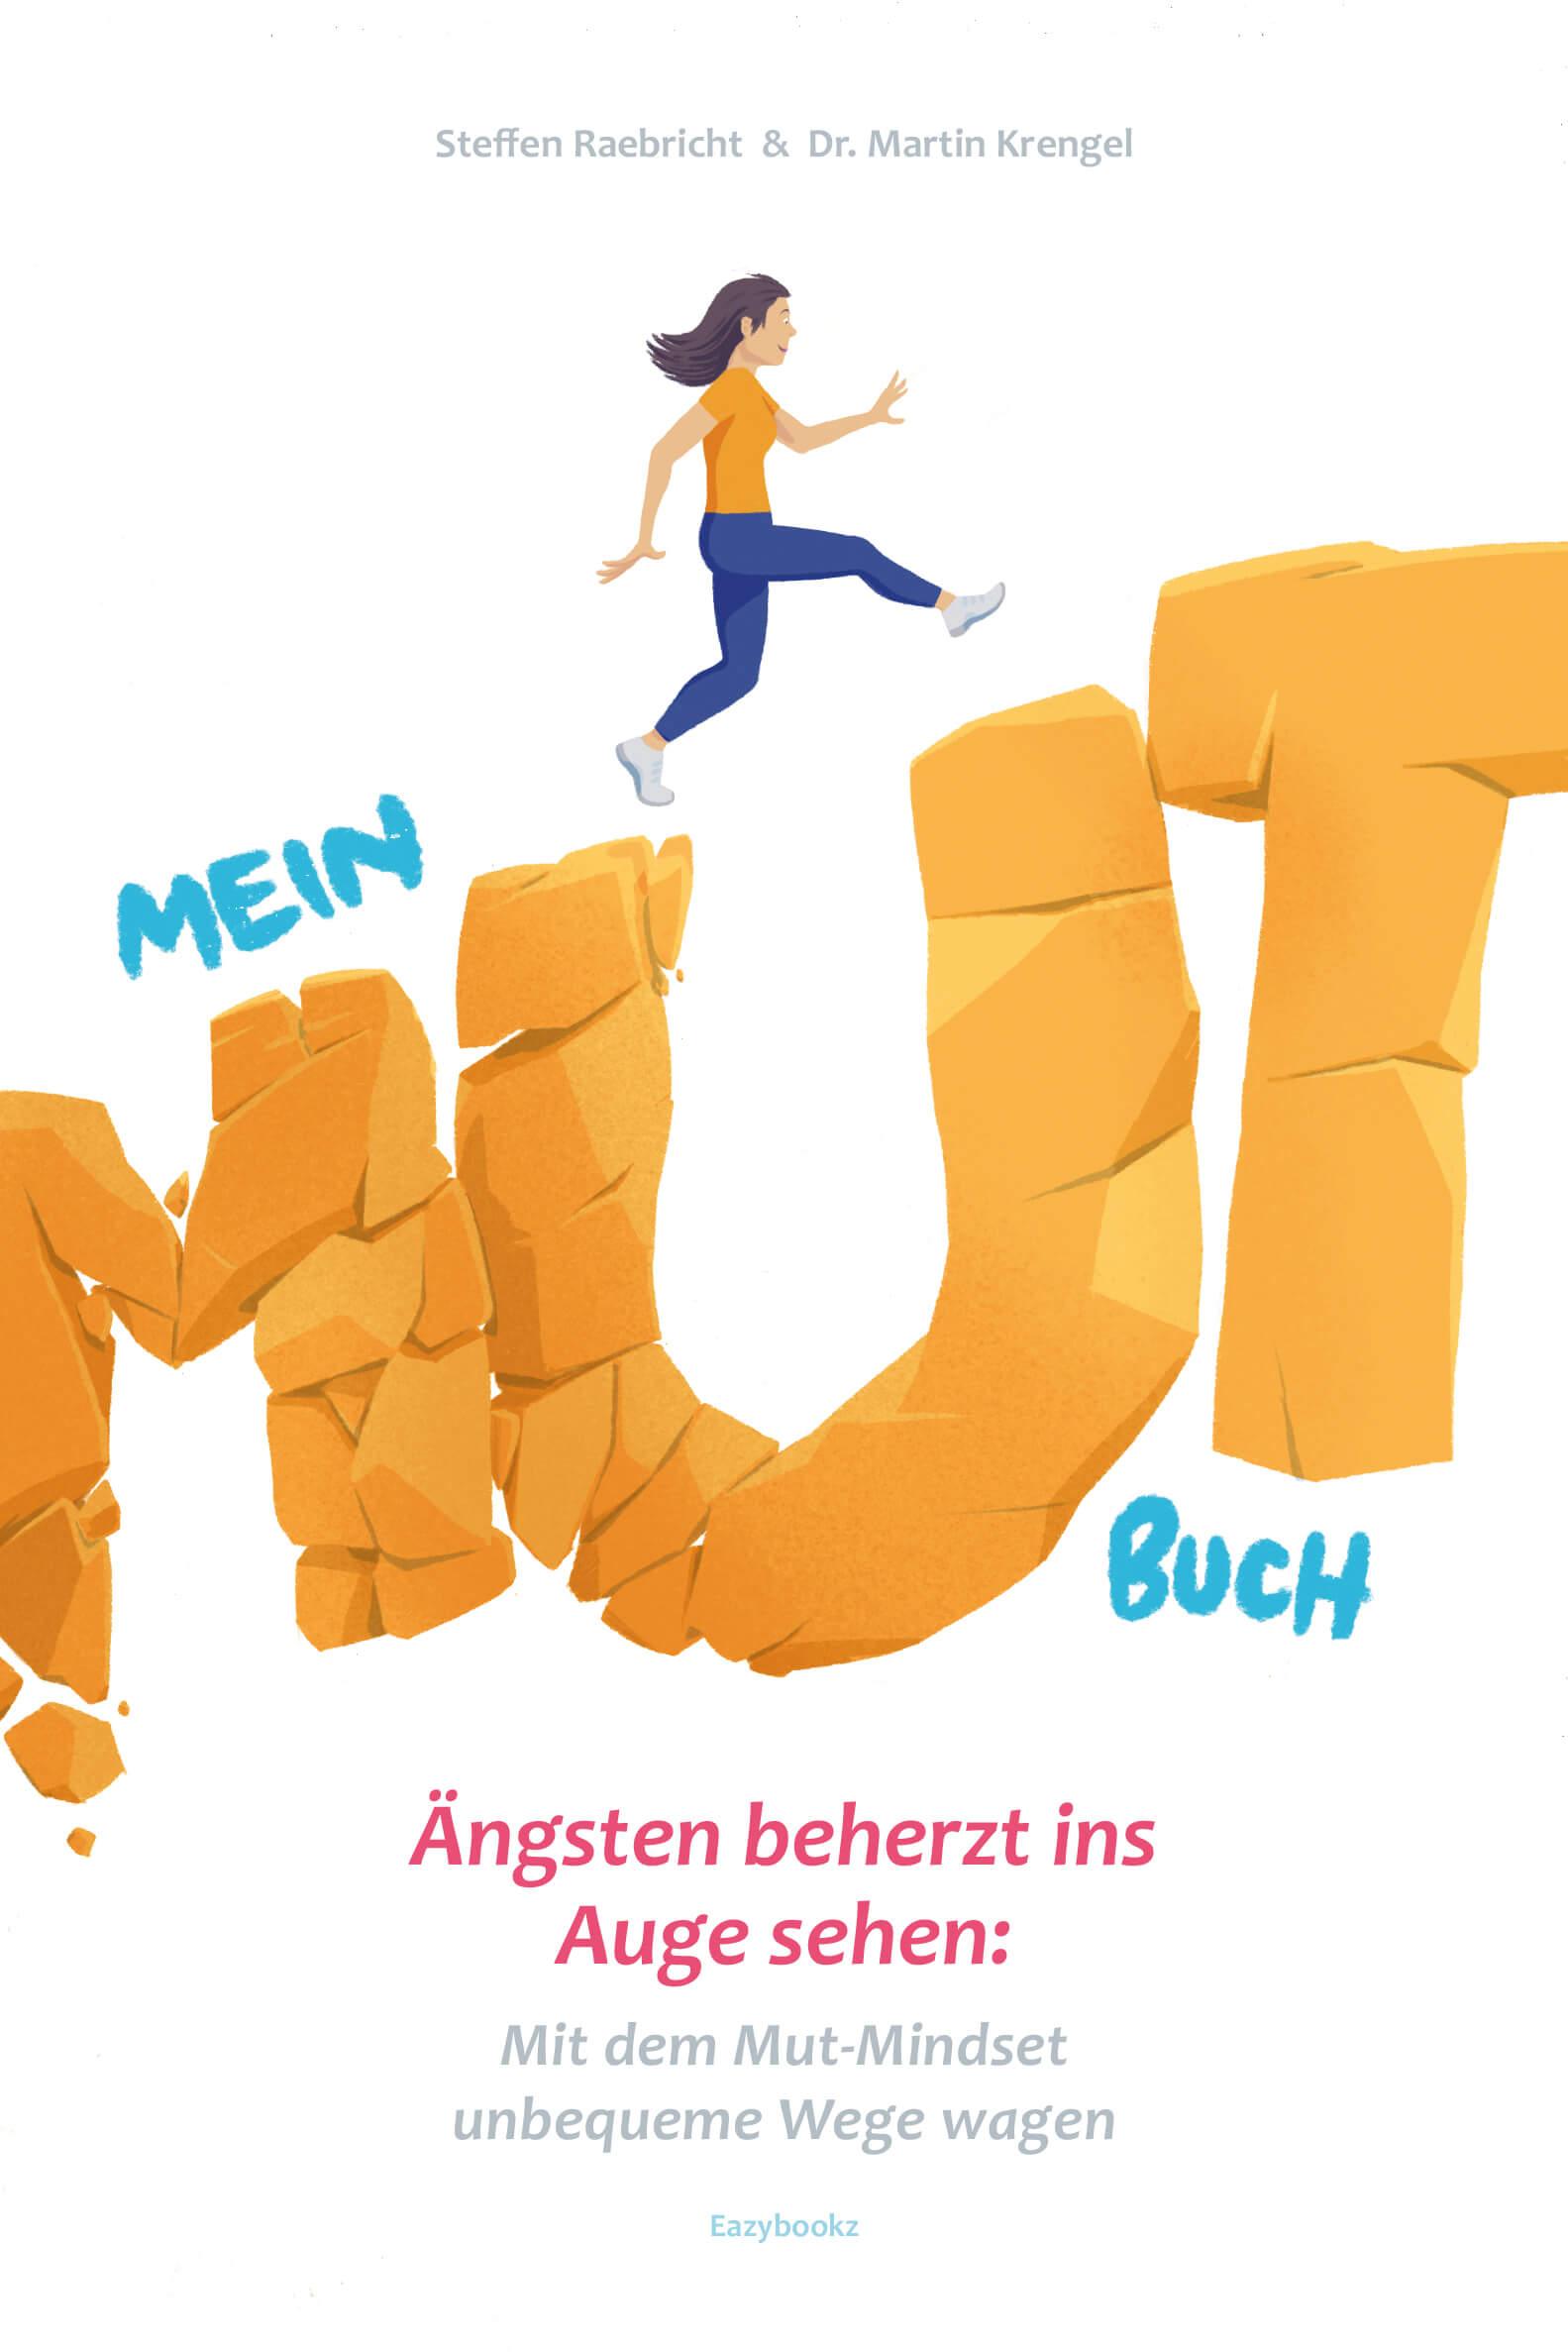 Mehr Mut - mutiger sein und werden im Job - Privatleben - Beziehungen verbessern und Erfolge und Ziele erreichen - Das Mutbuch - Steffen Raebricht und Dr Martin Krengel(1)